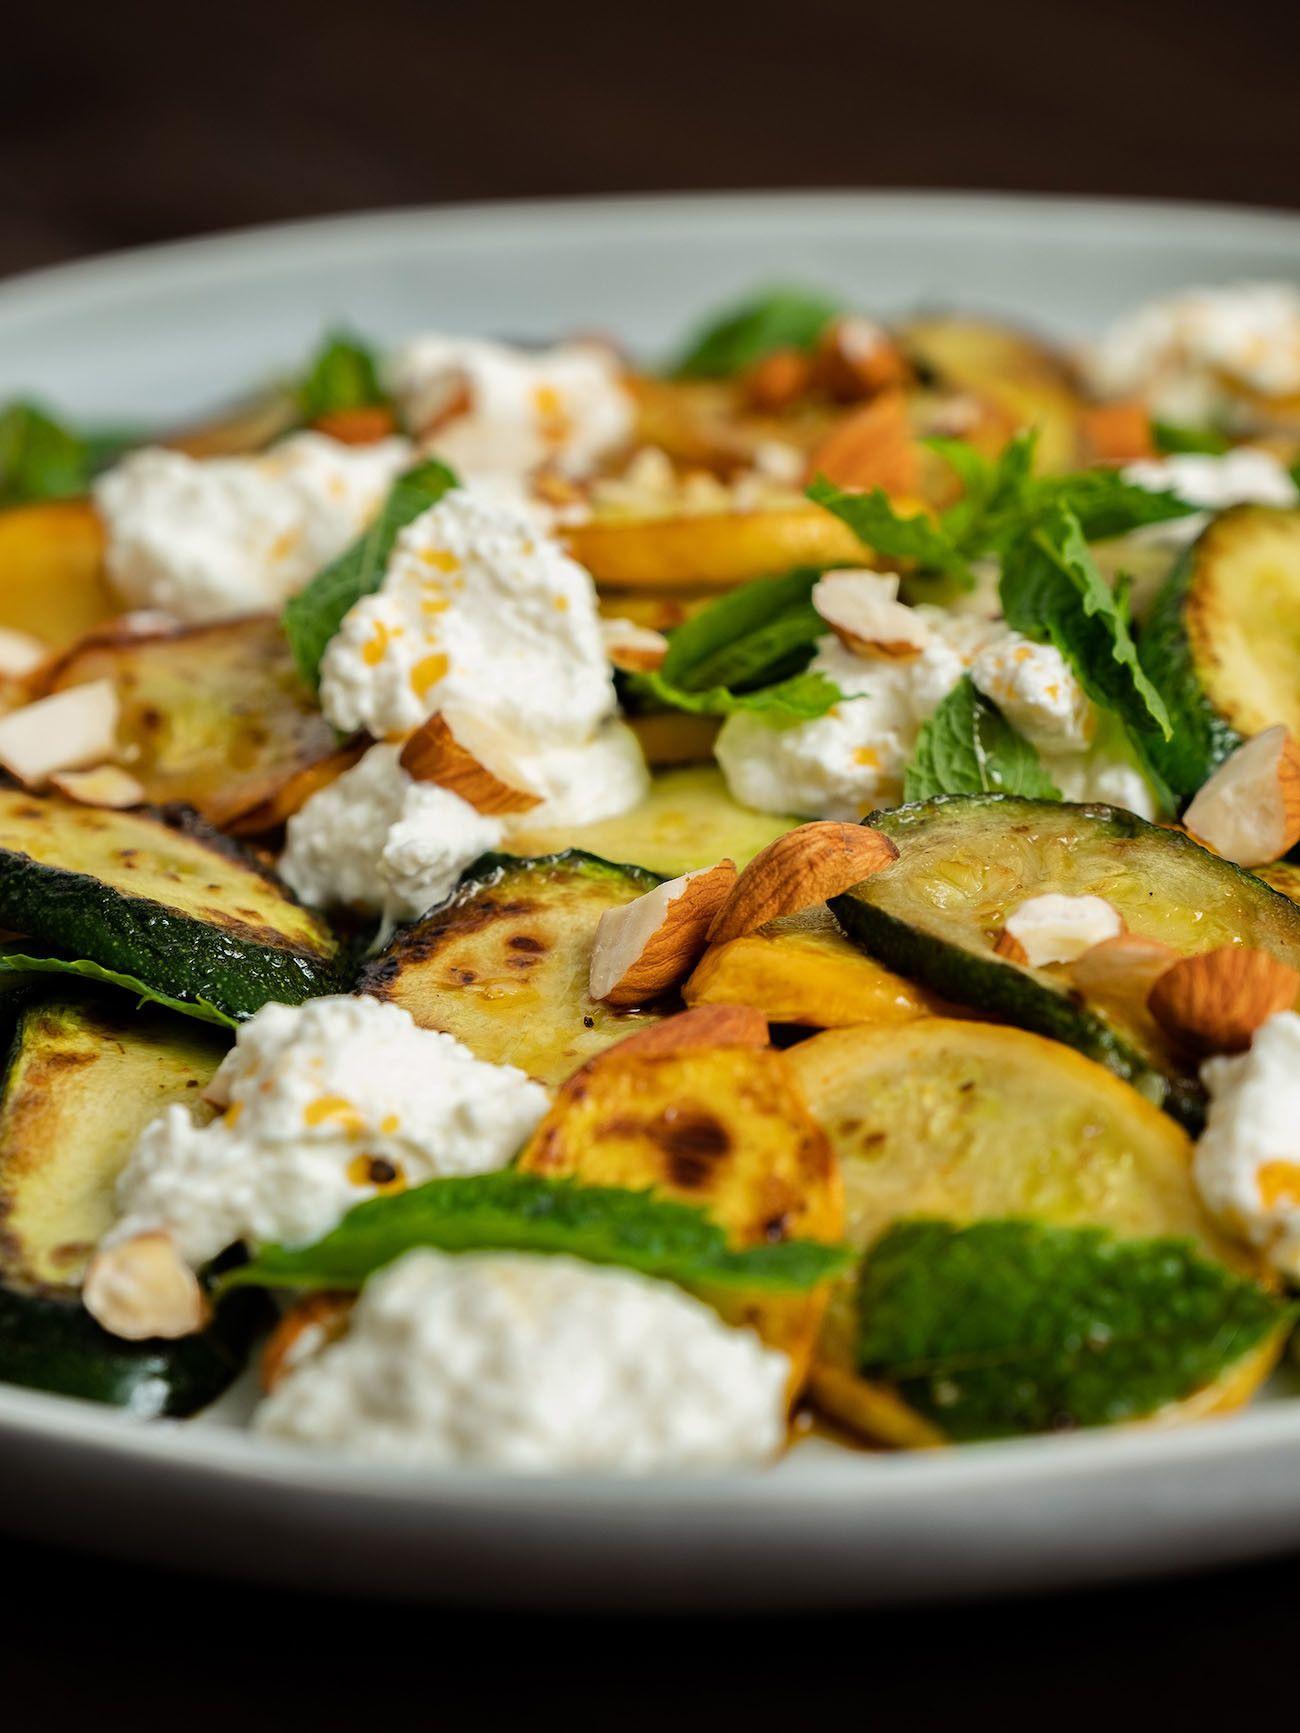 Zucchinisalat mit Ricotta, Mandeln und Minze, Teller, Olivenöl